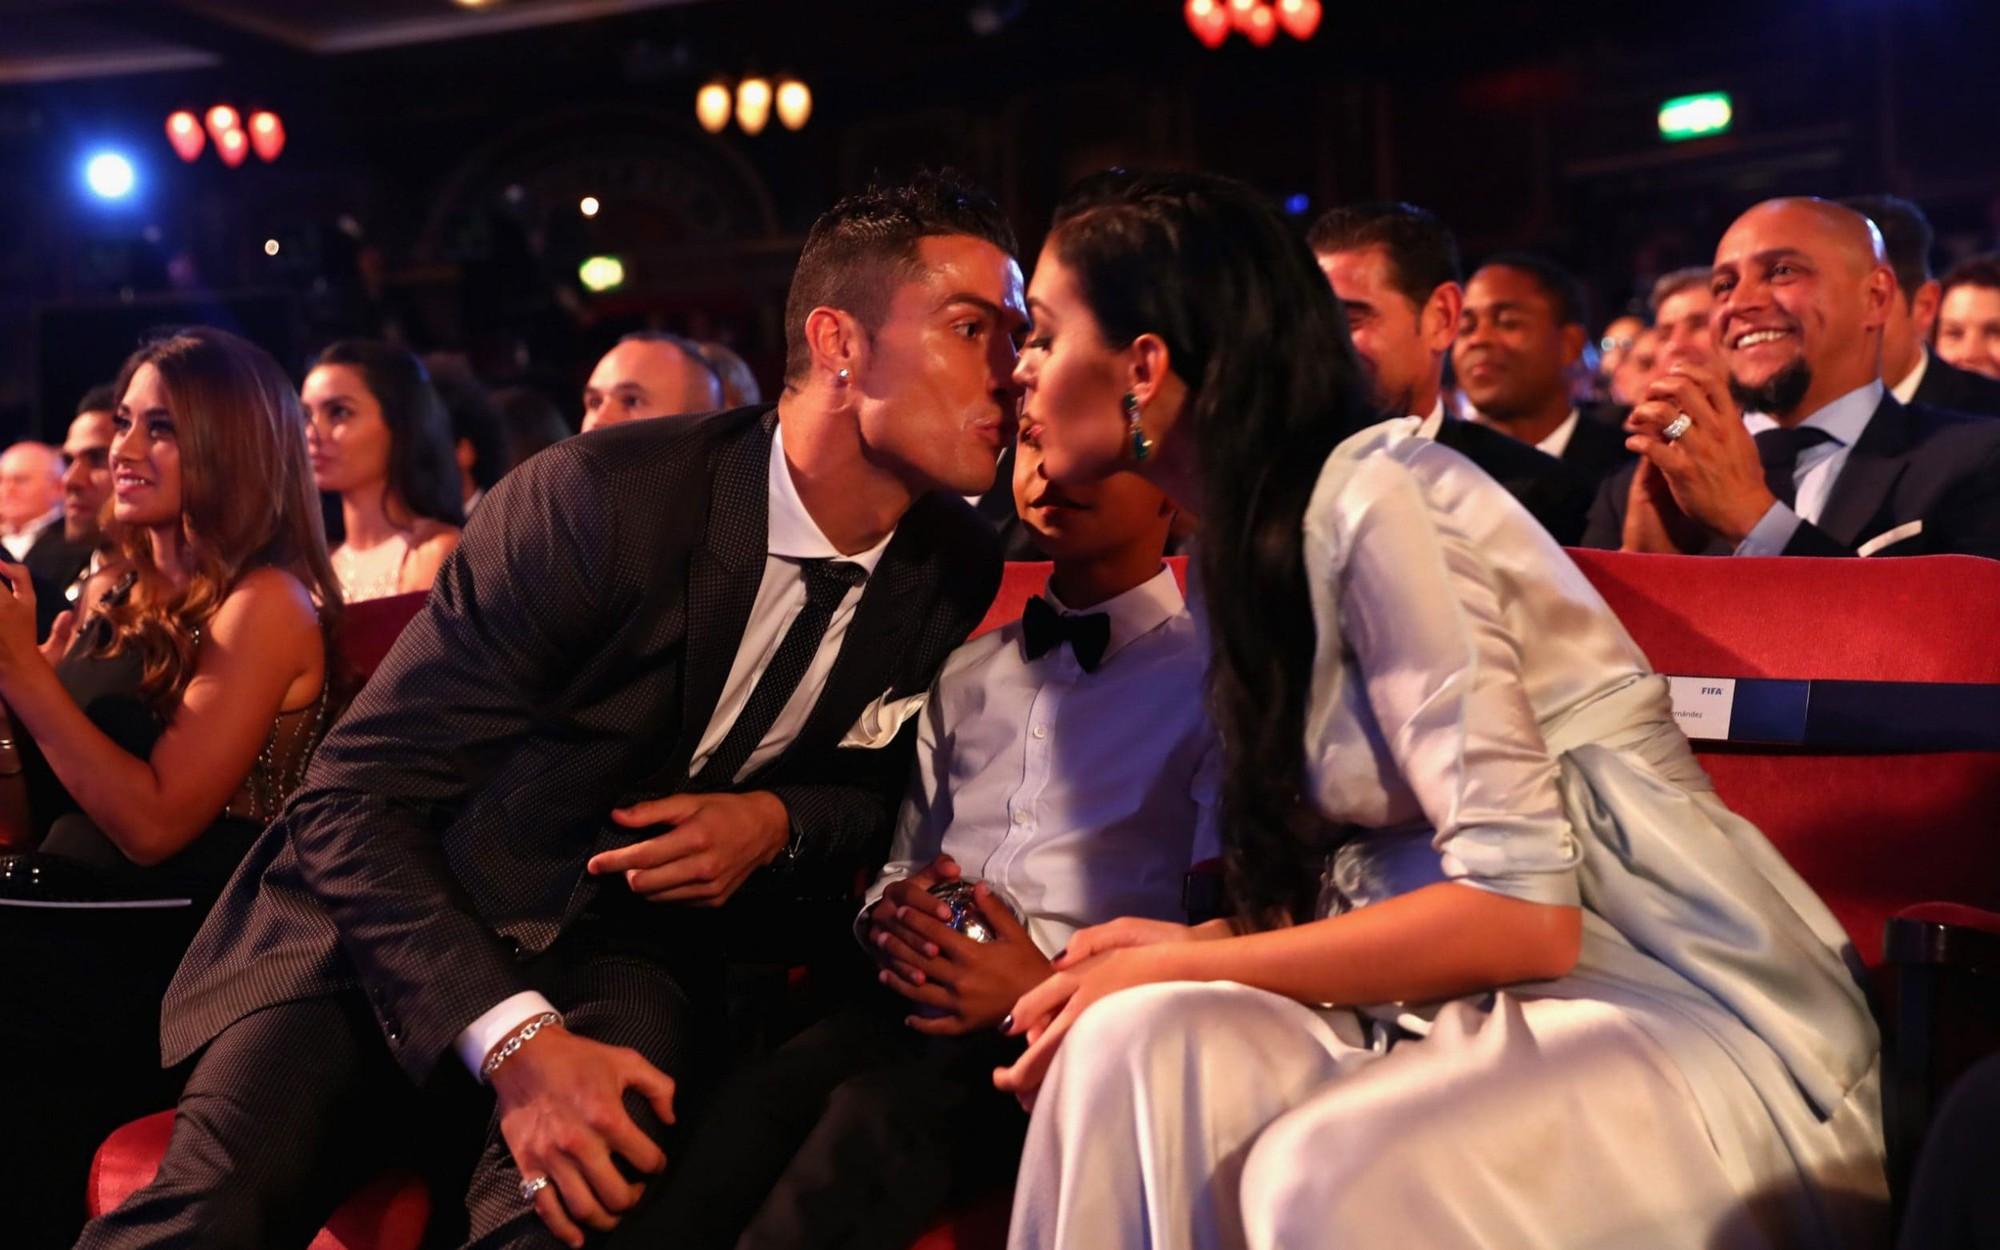 Ronaldo muốn giành 7 Quả bóng vàng và có 7... đứa con - Ảnh 4.